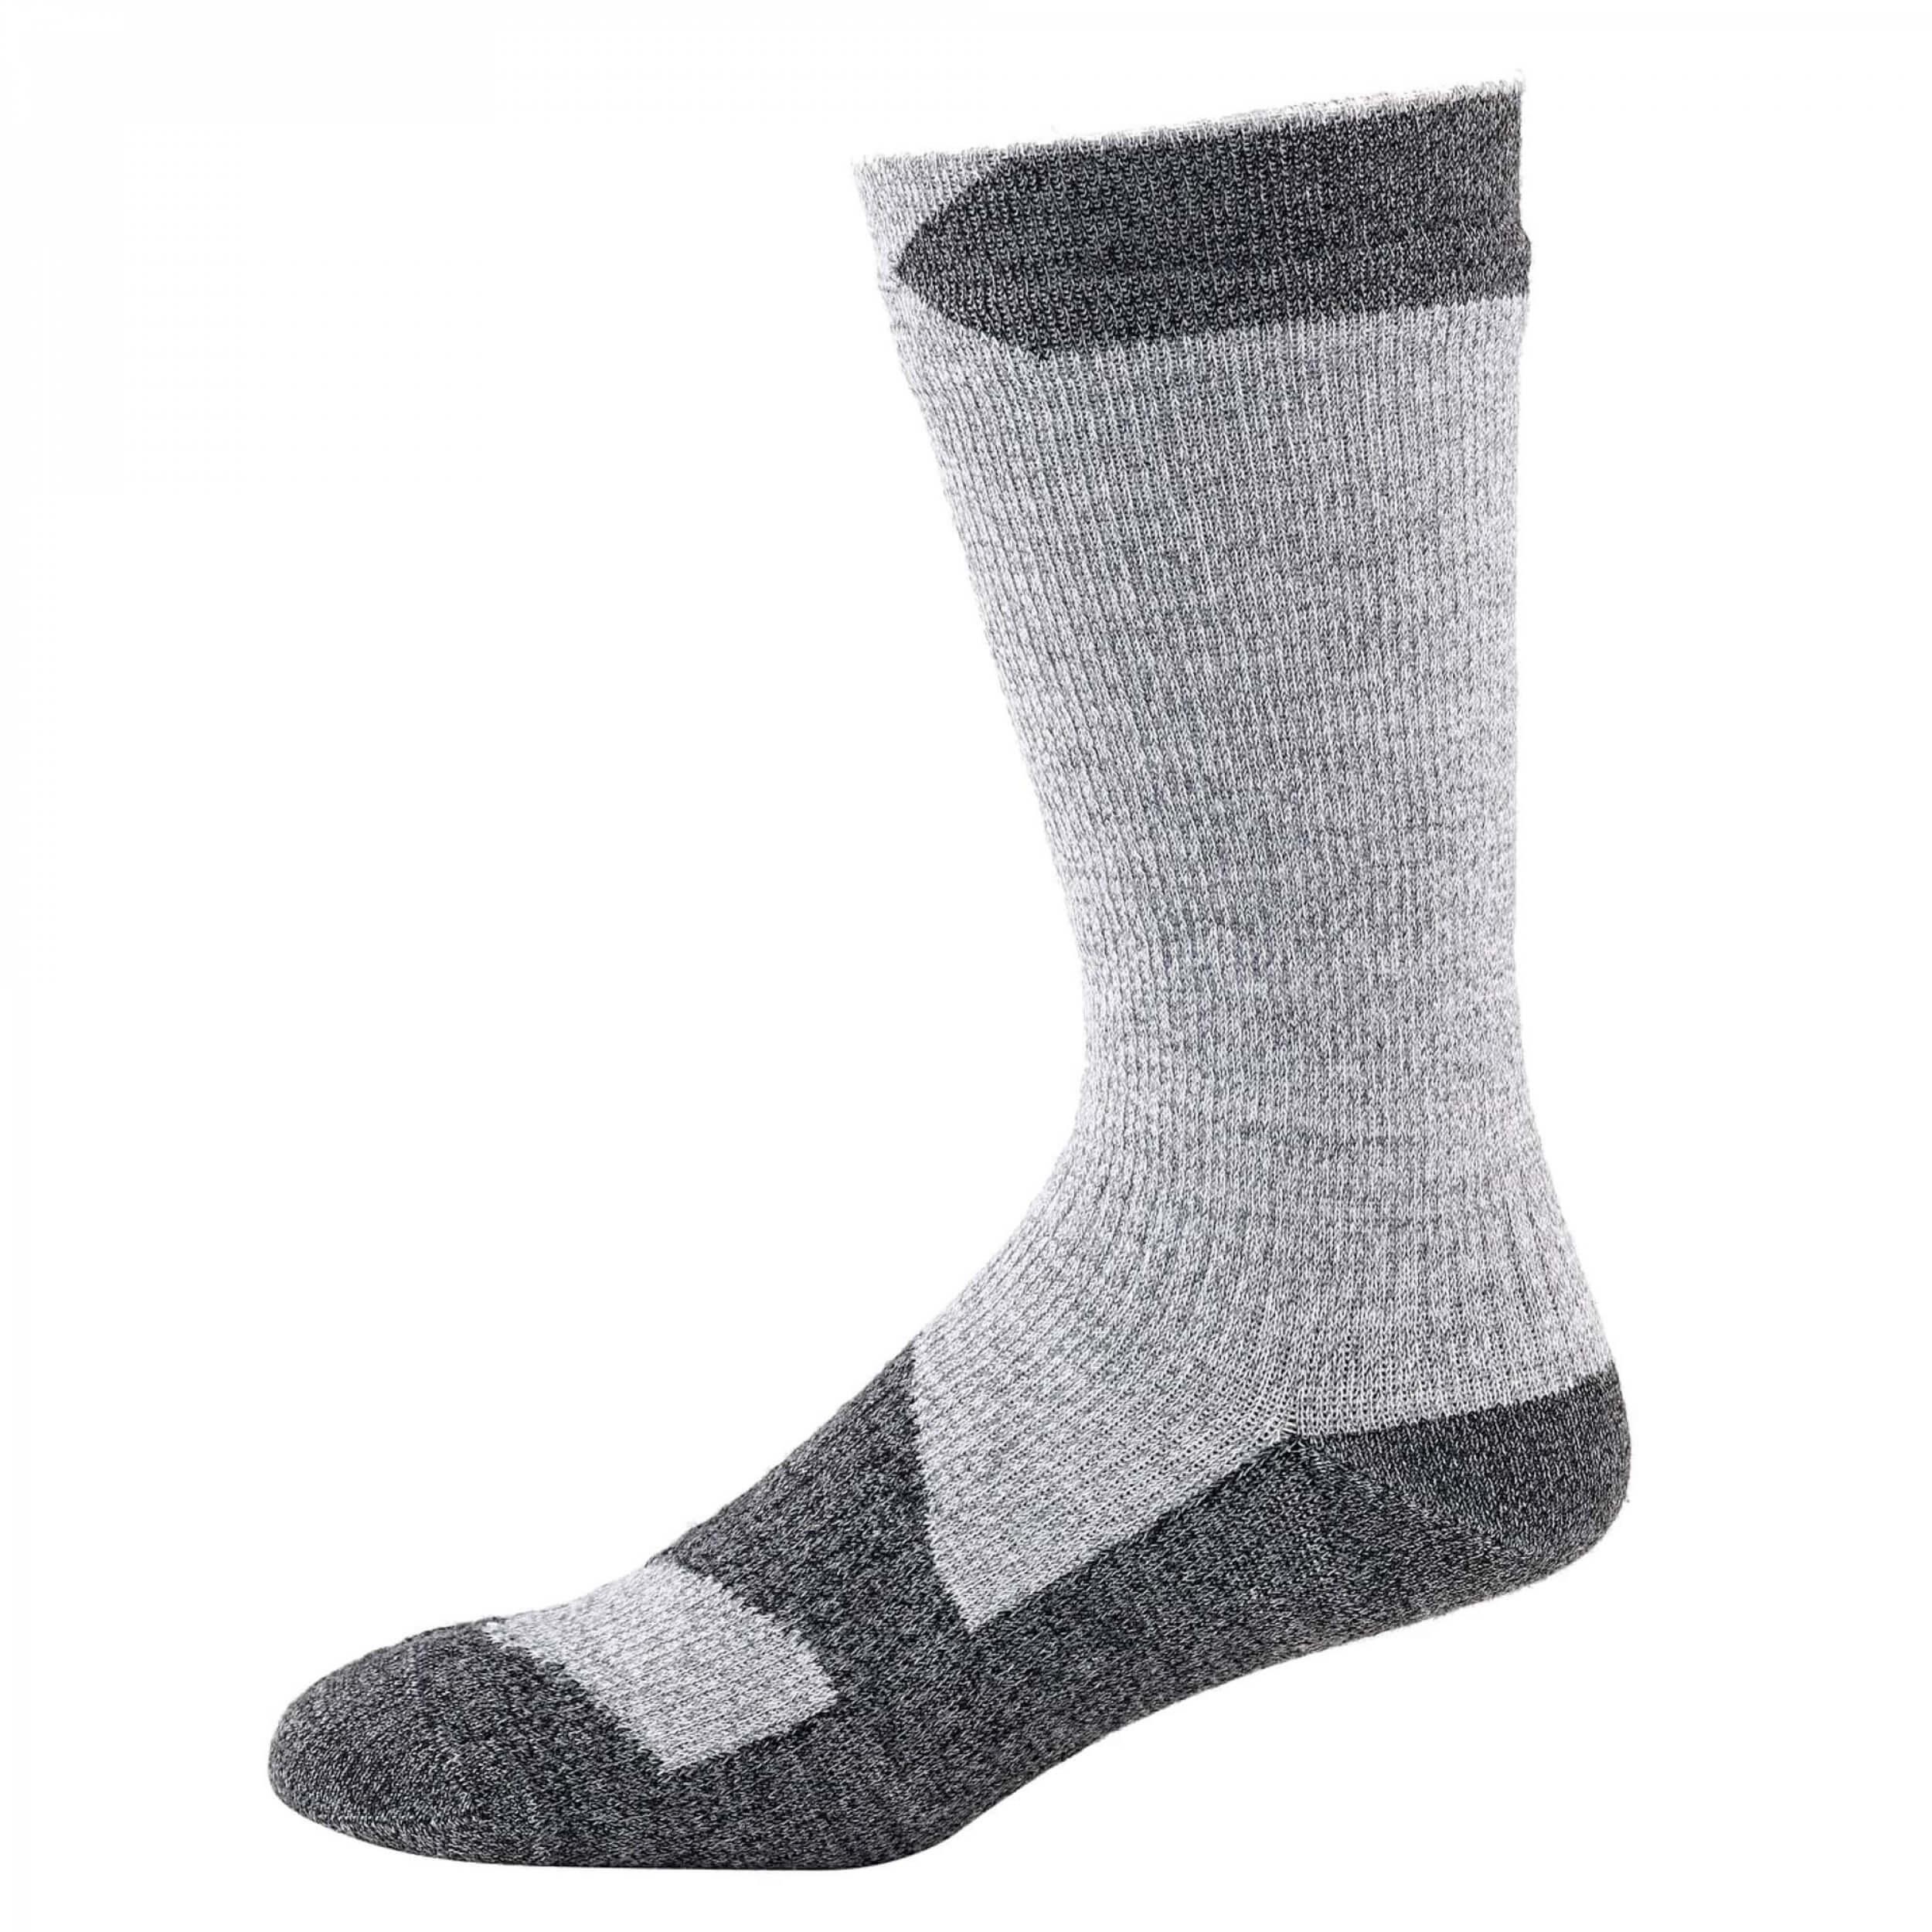 SealSkinz Walking Mid Socken